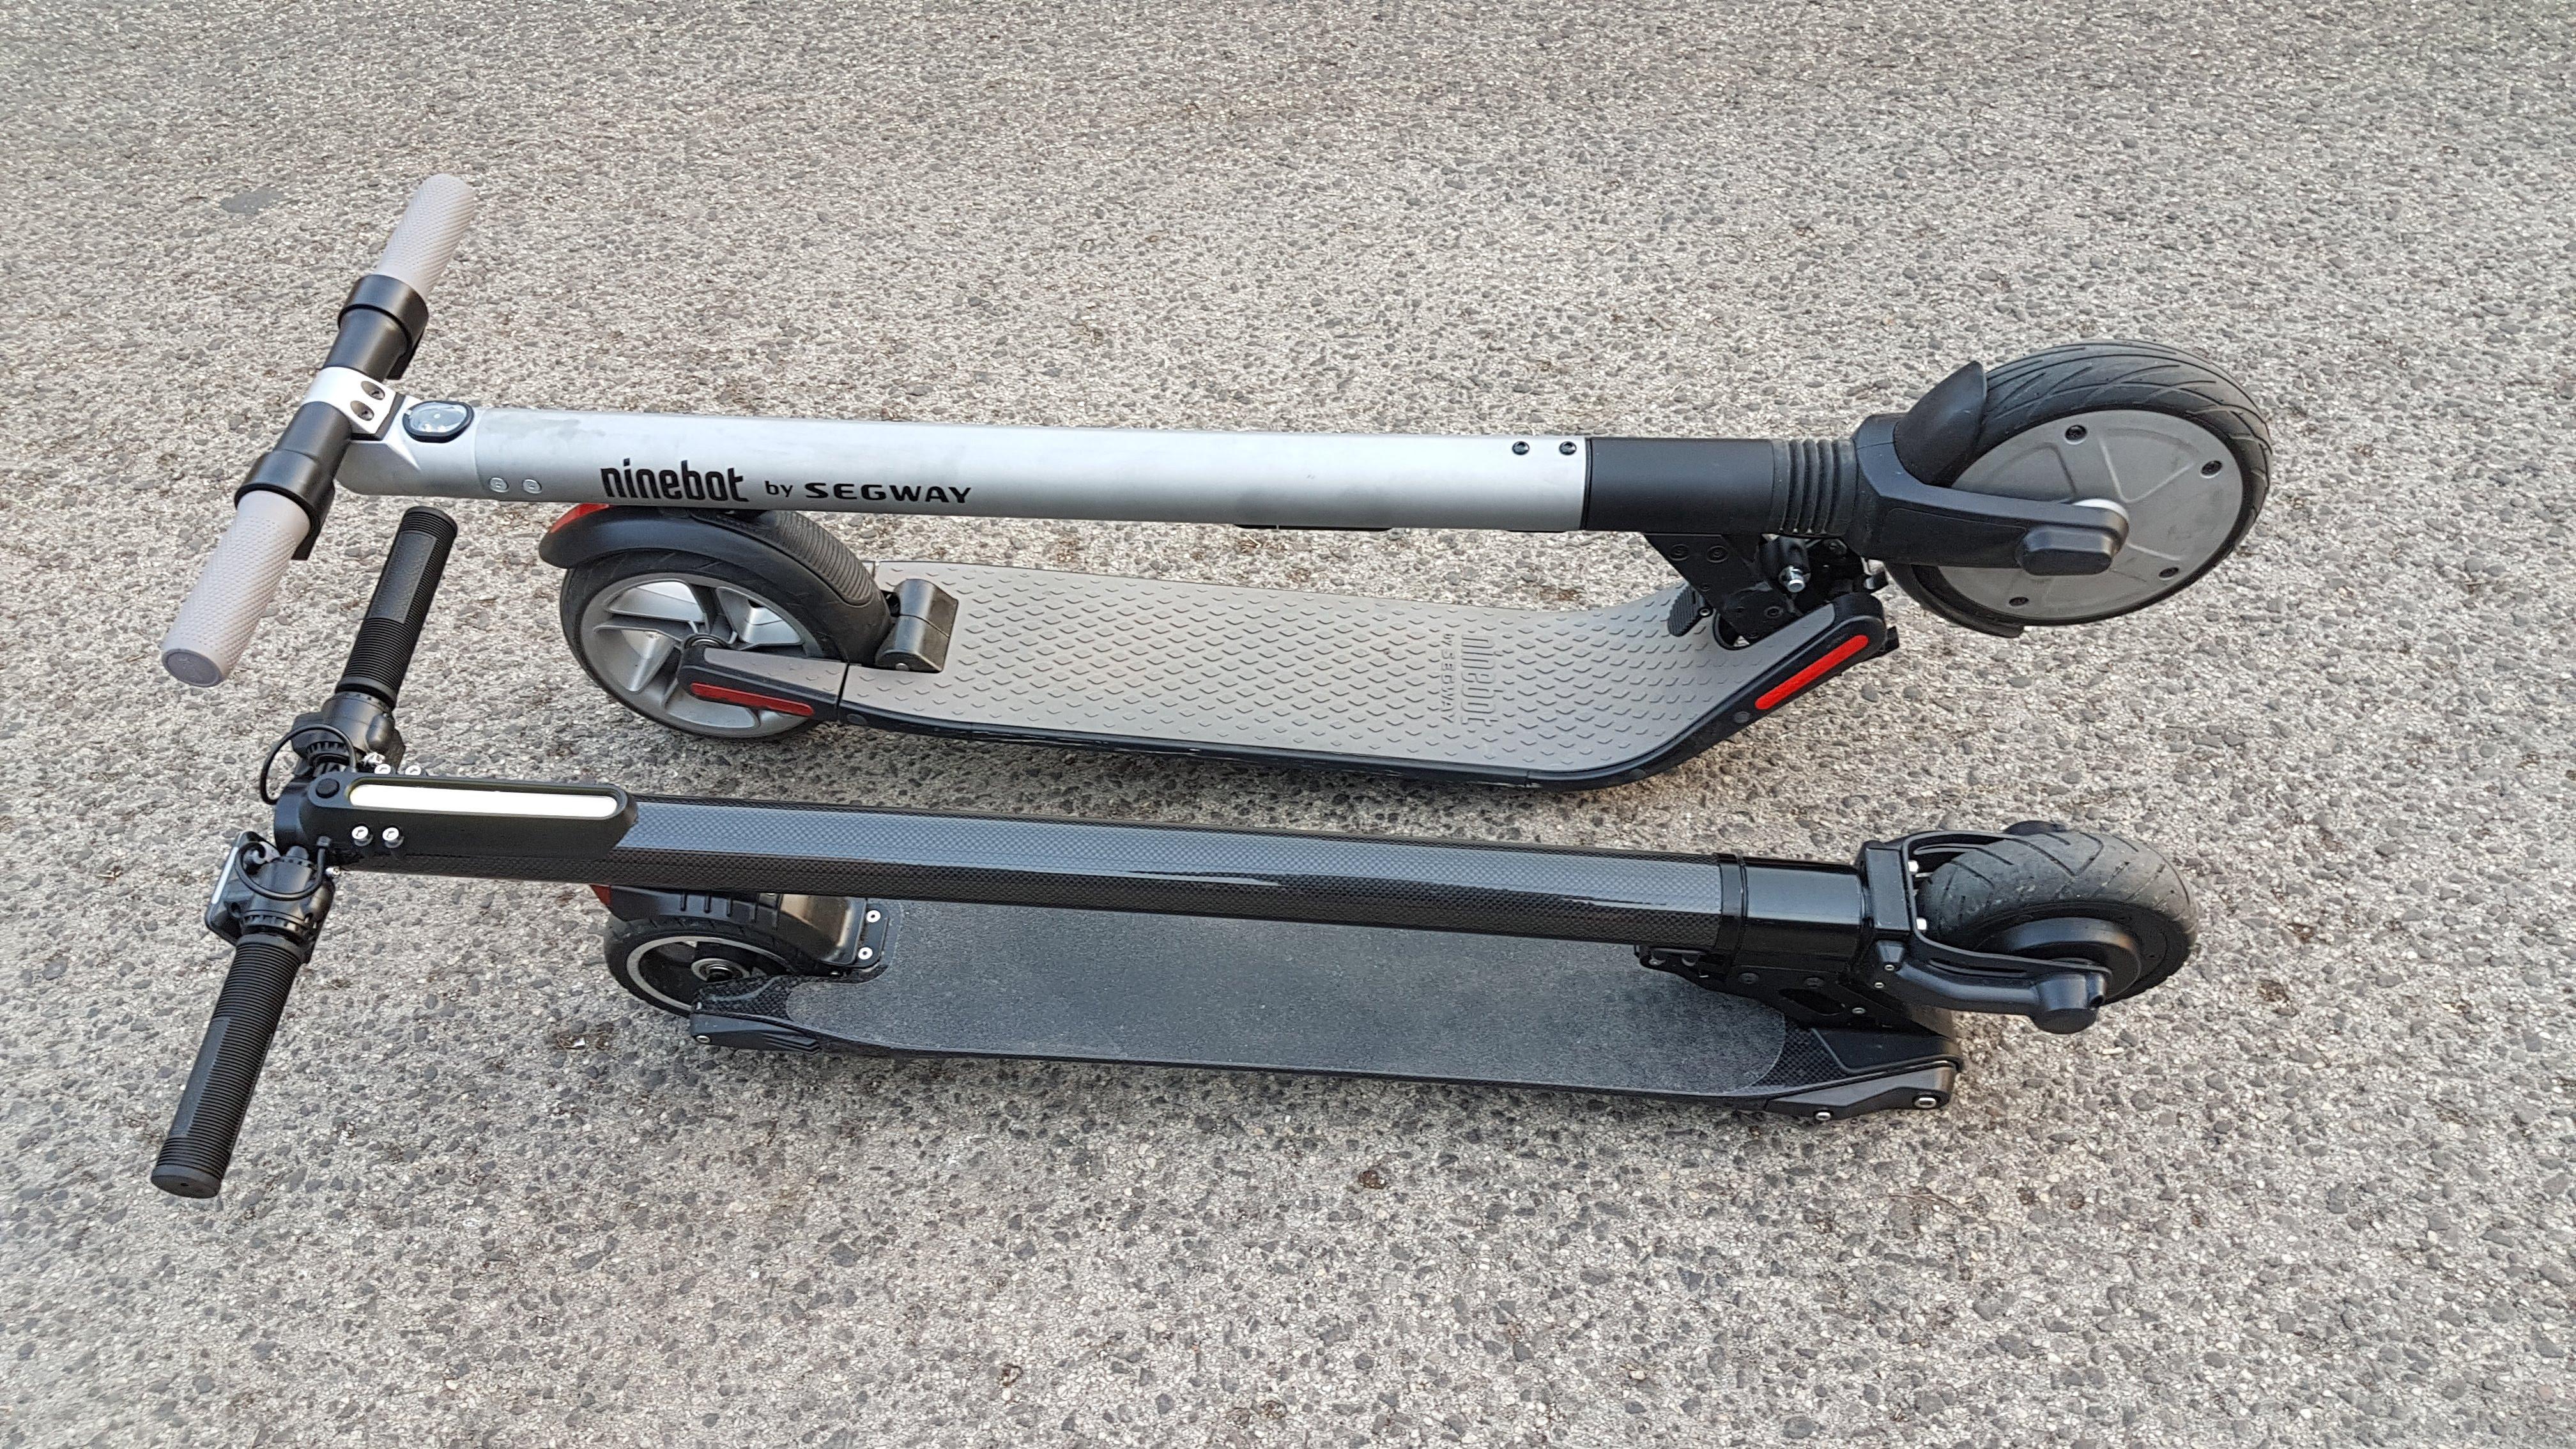 carbon-fiber-a-hordozhato-elektromos-roller-teszt-osszecsukhato-6600mAh-akkumulator-akksi-5.5-colos-kerek-34